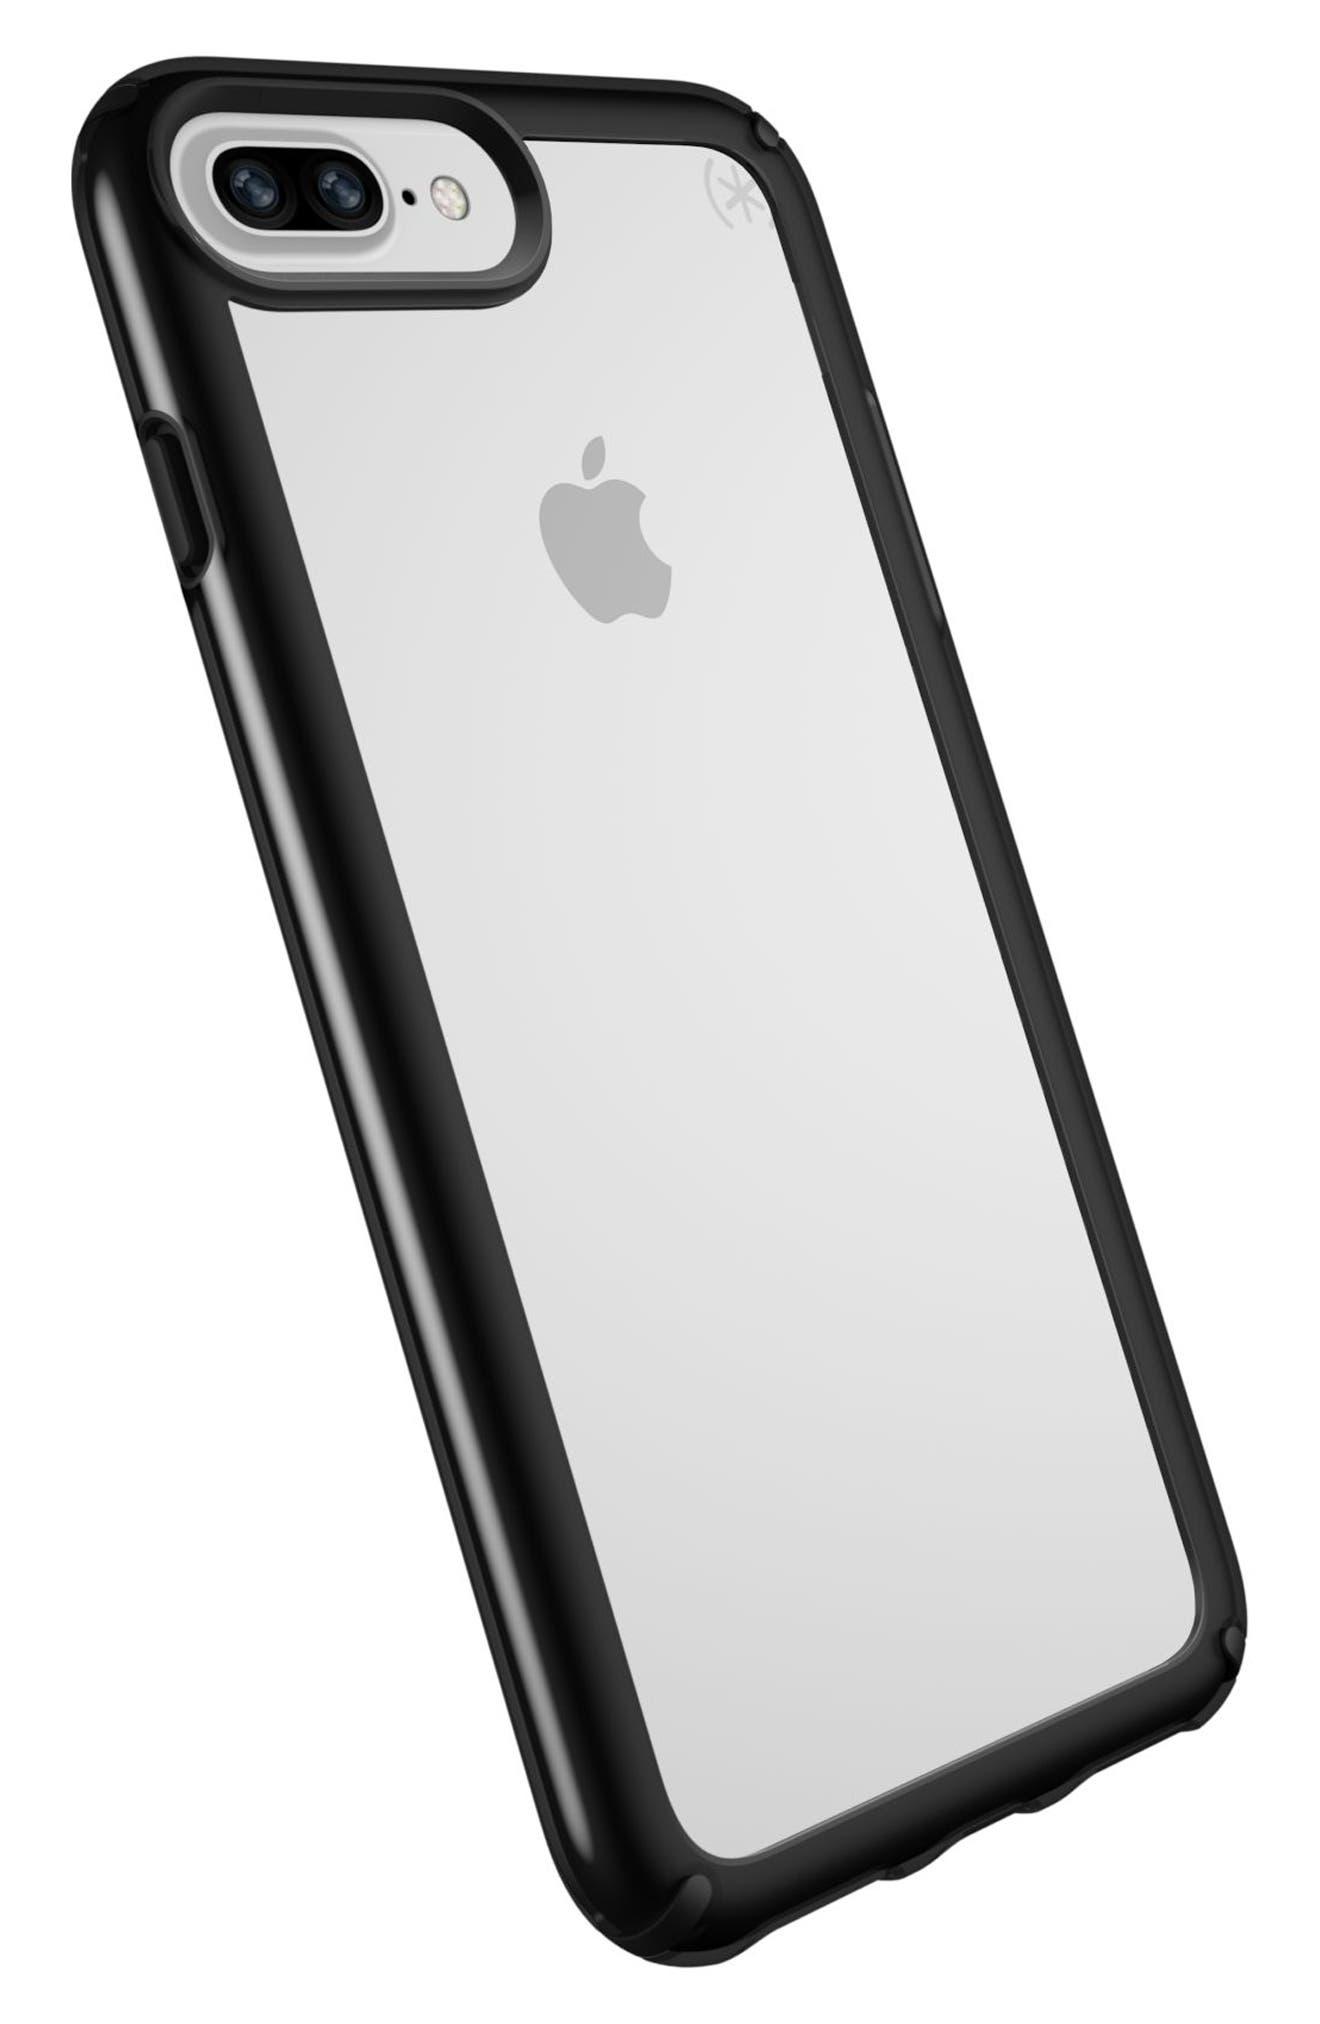 iPhone 6/6s/7/8 Plus Case,                             Alternate thumbnail 4, color,                             Clear/ Black